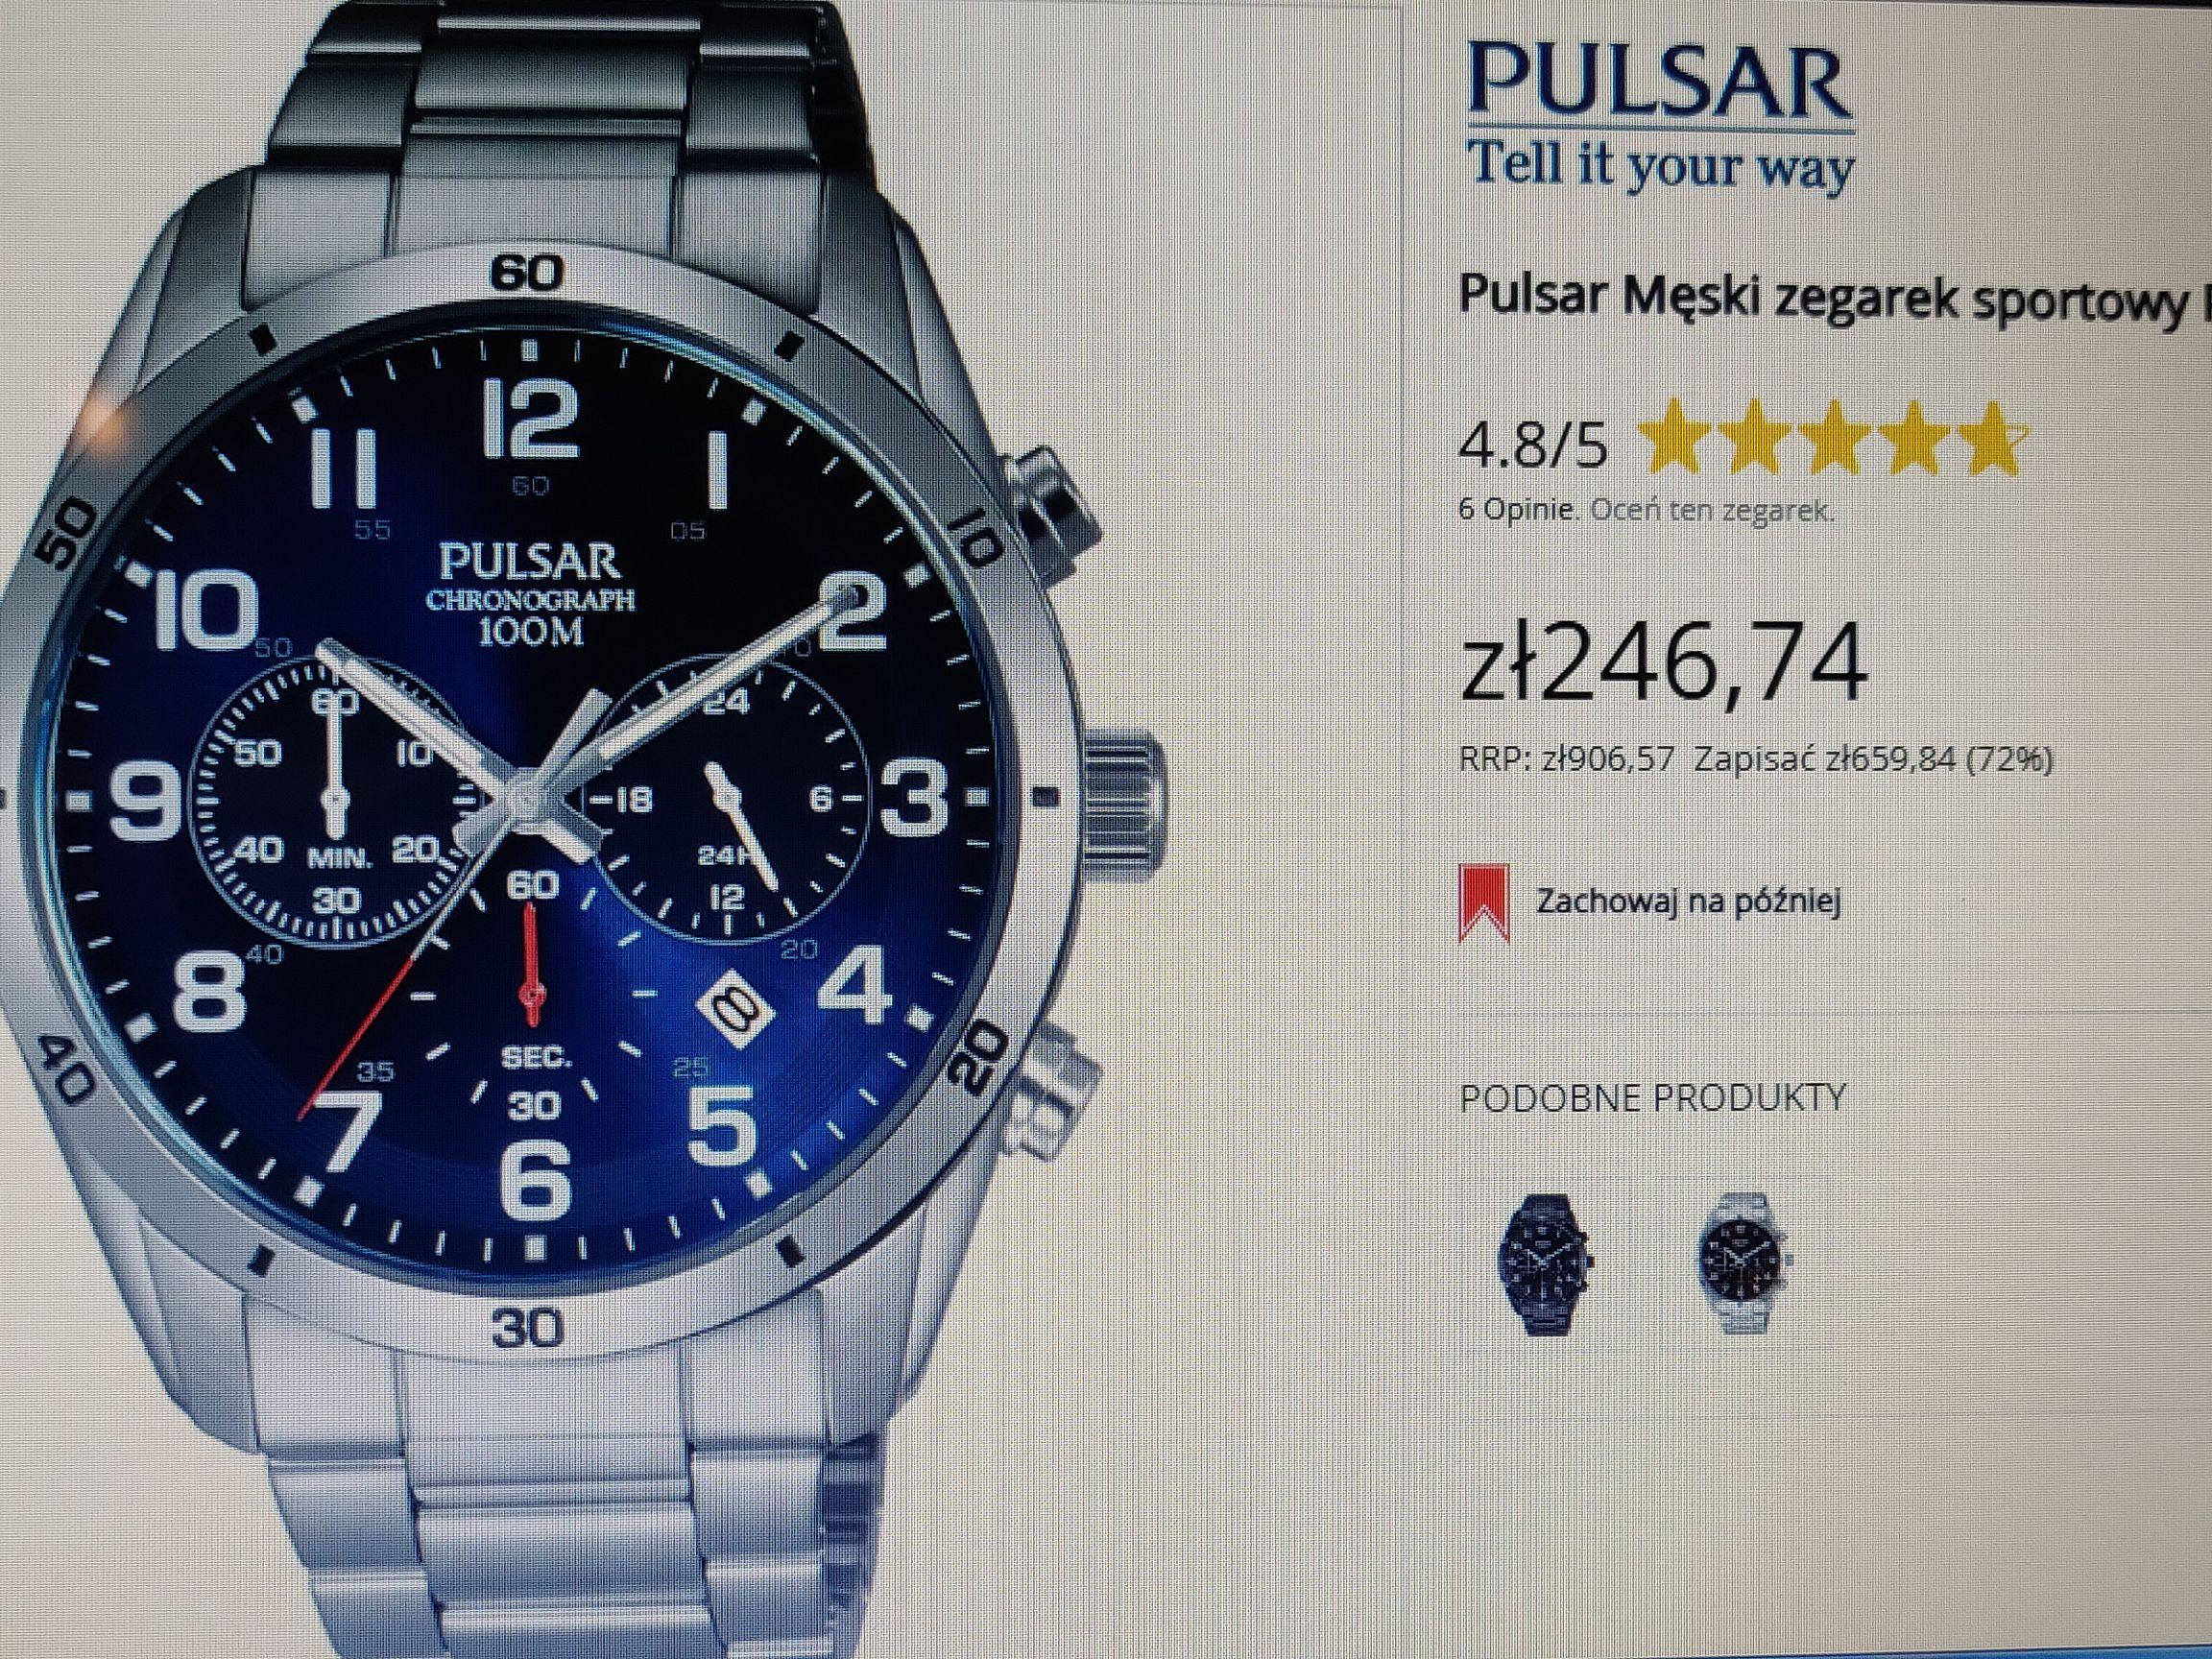 Pulsar Chronograph, męski sikor sportowy w dobrej cenie!